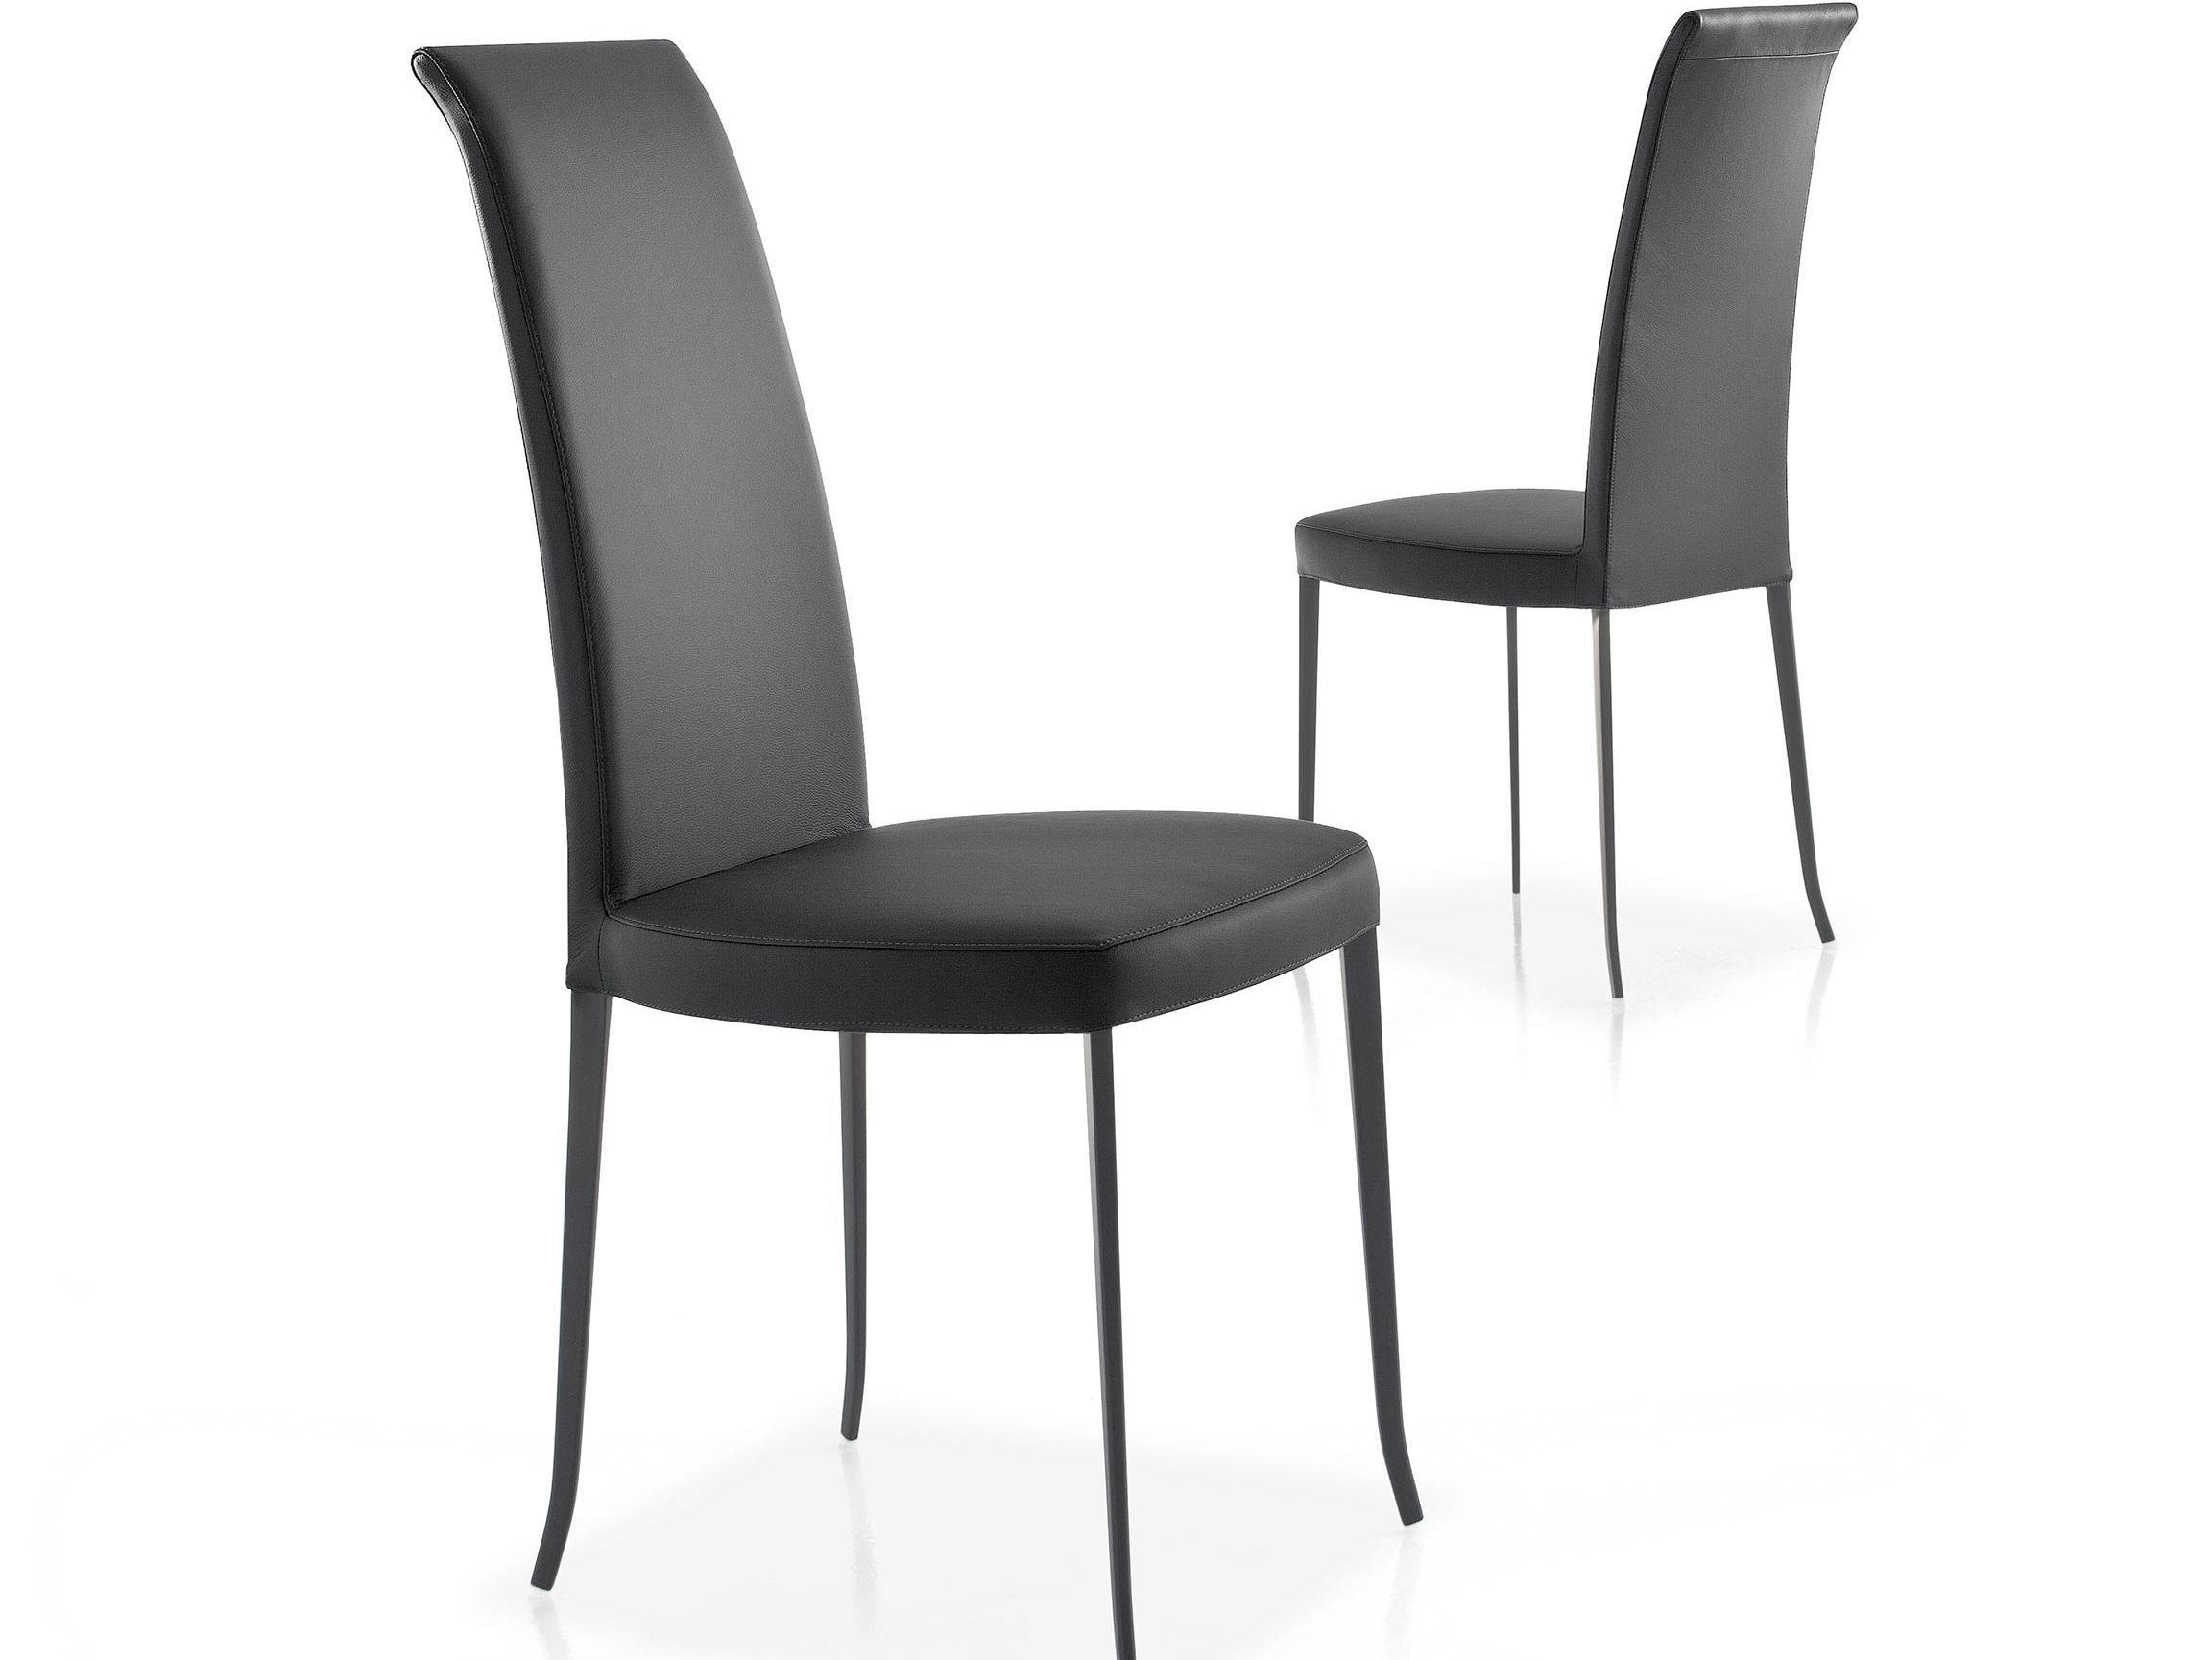 high back upholstered chair ballerina by bonaldo design james br nte. Black Bedroom Furniture Sets. Home Design Ideas